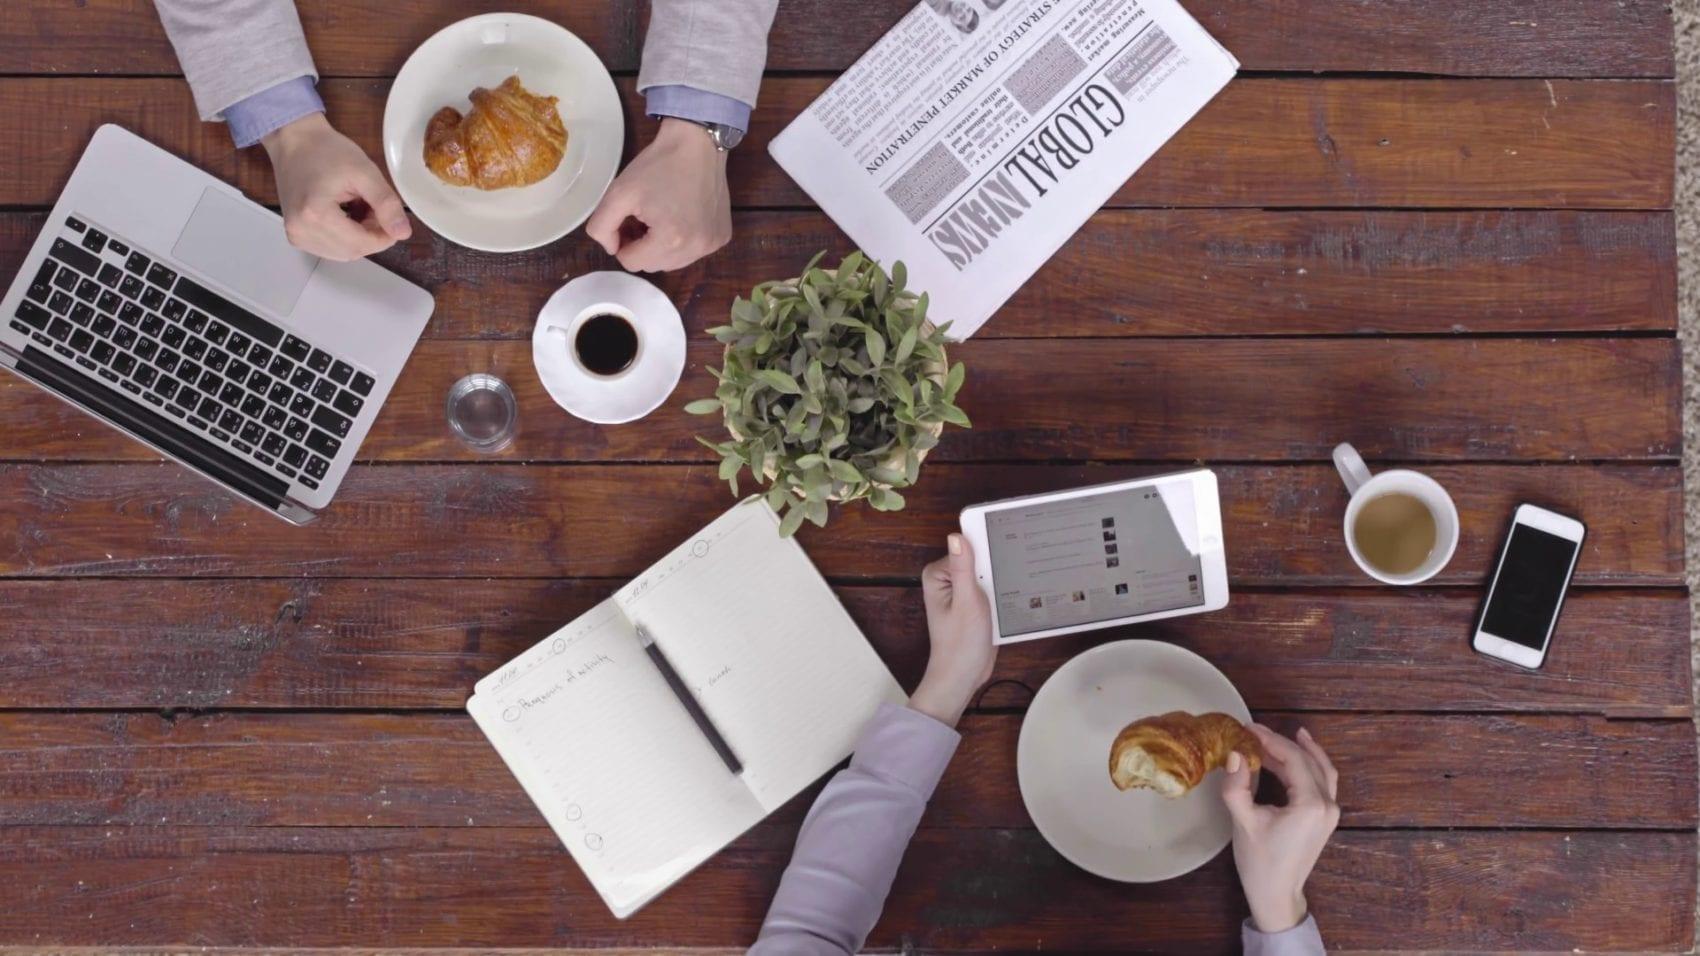 Morning Call: Lançamentos da Apple e Aumento na Gasolina